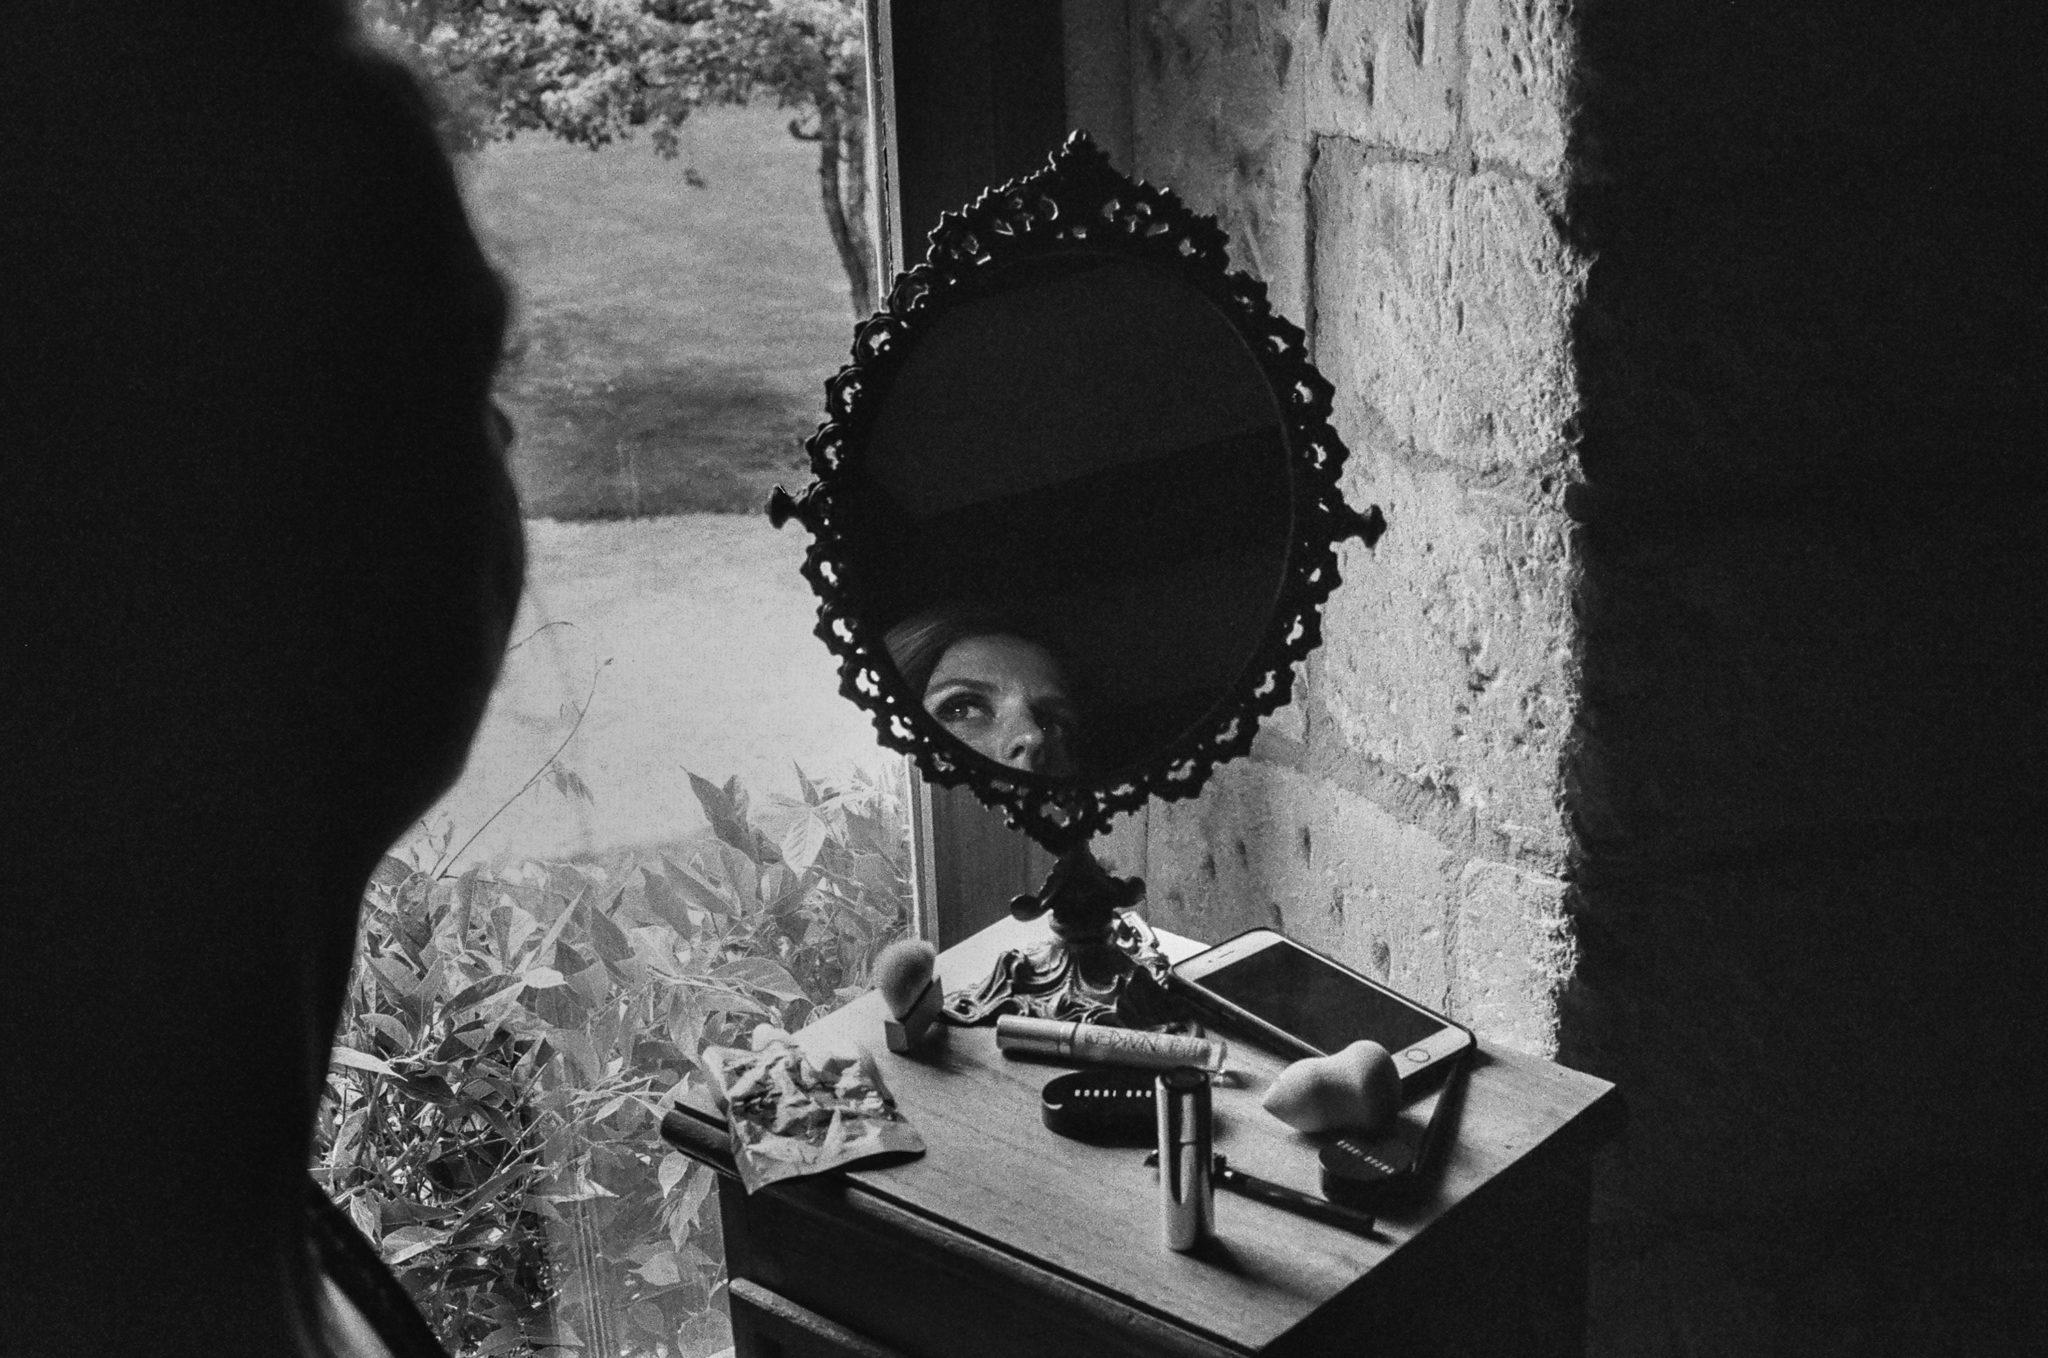 Maquillage mariée Grange d'Espins film argentique noir et blanc